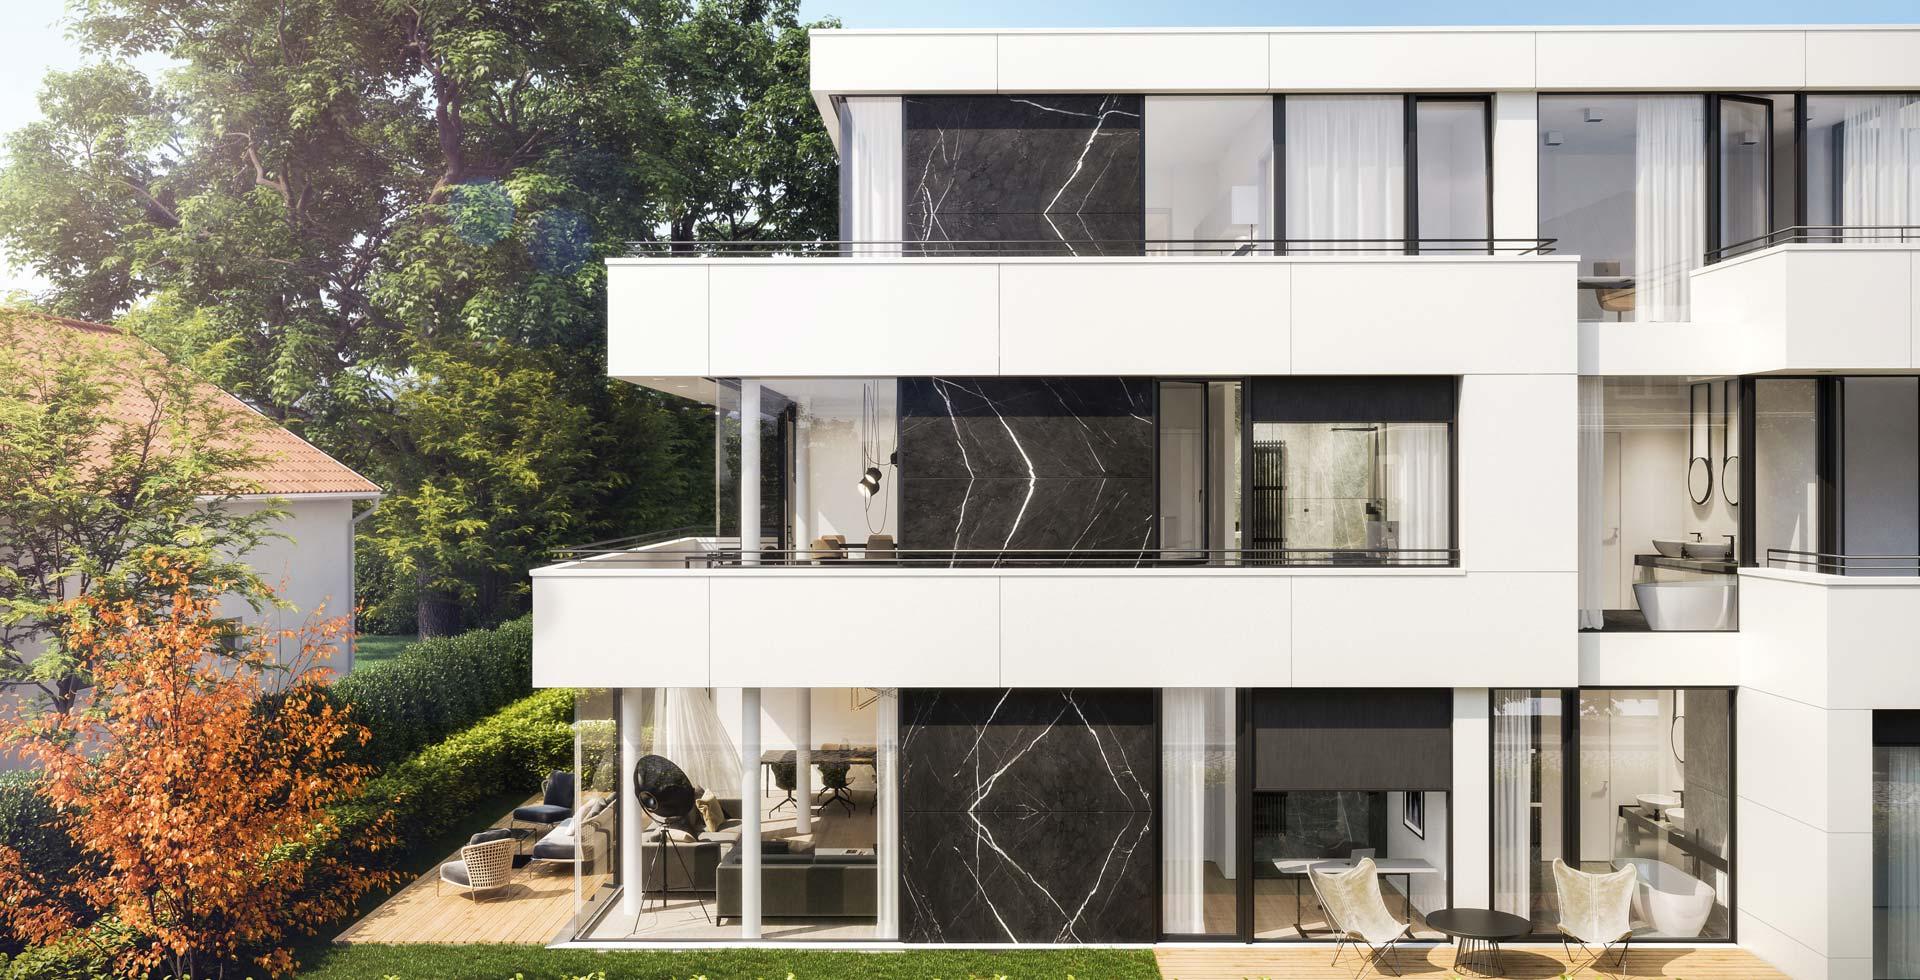 LHOMES_Neubauimmobilie_Flemingstr-München-Architektur-2-Aussenansicht